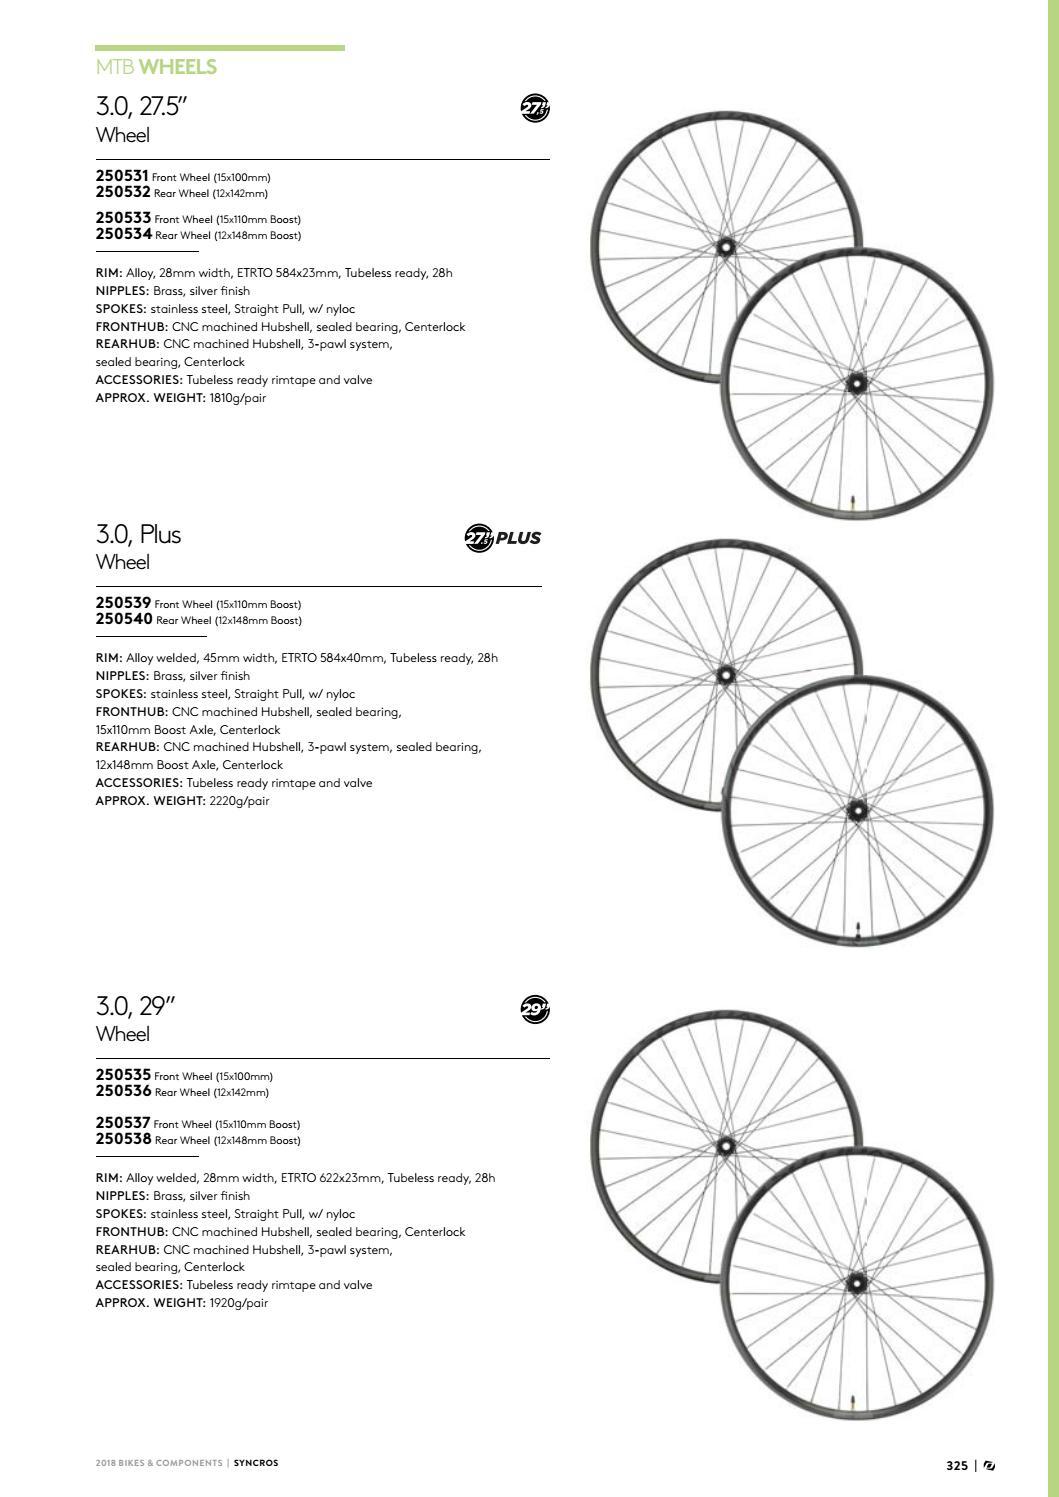 BIKERISK V/élo Flywheel Laveuse Montagne V/élo de Route v/élo Joint Hub Tambour de Base Coussin Anneau 10S11 Speed Splint Pi/èces de Rechange v/élo